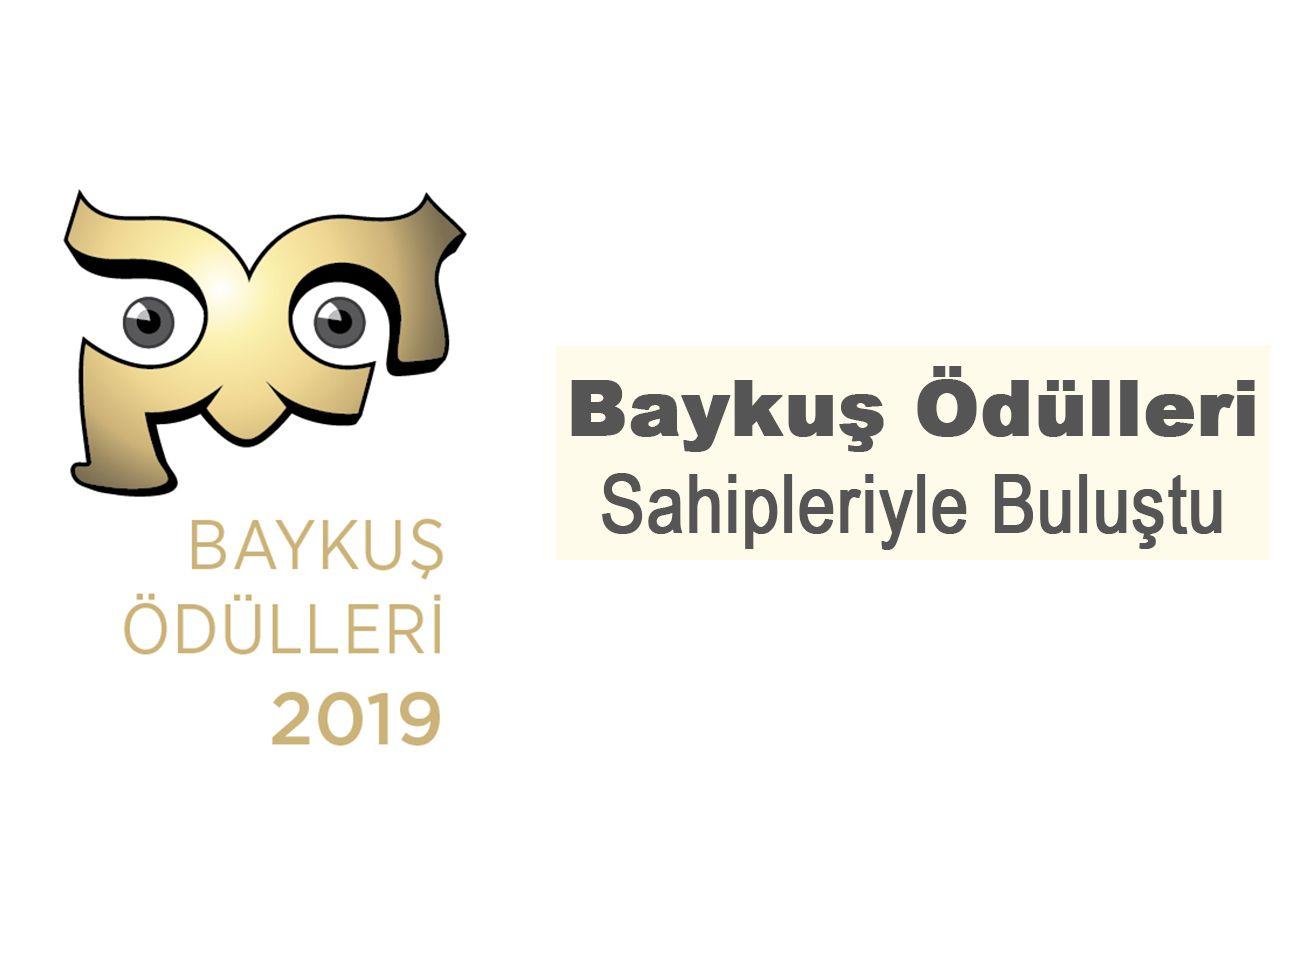 Baykuş Ödülleri Sahipleri ile Buluştu (2019)